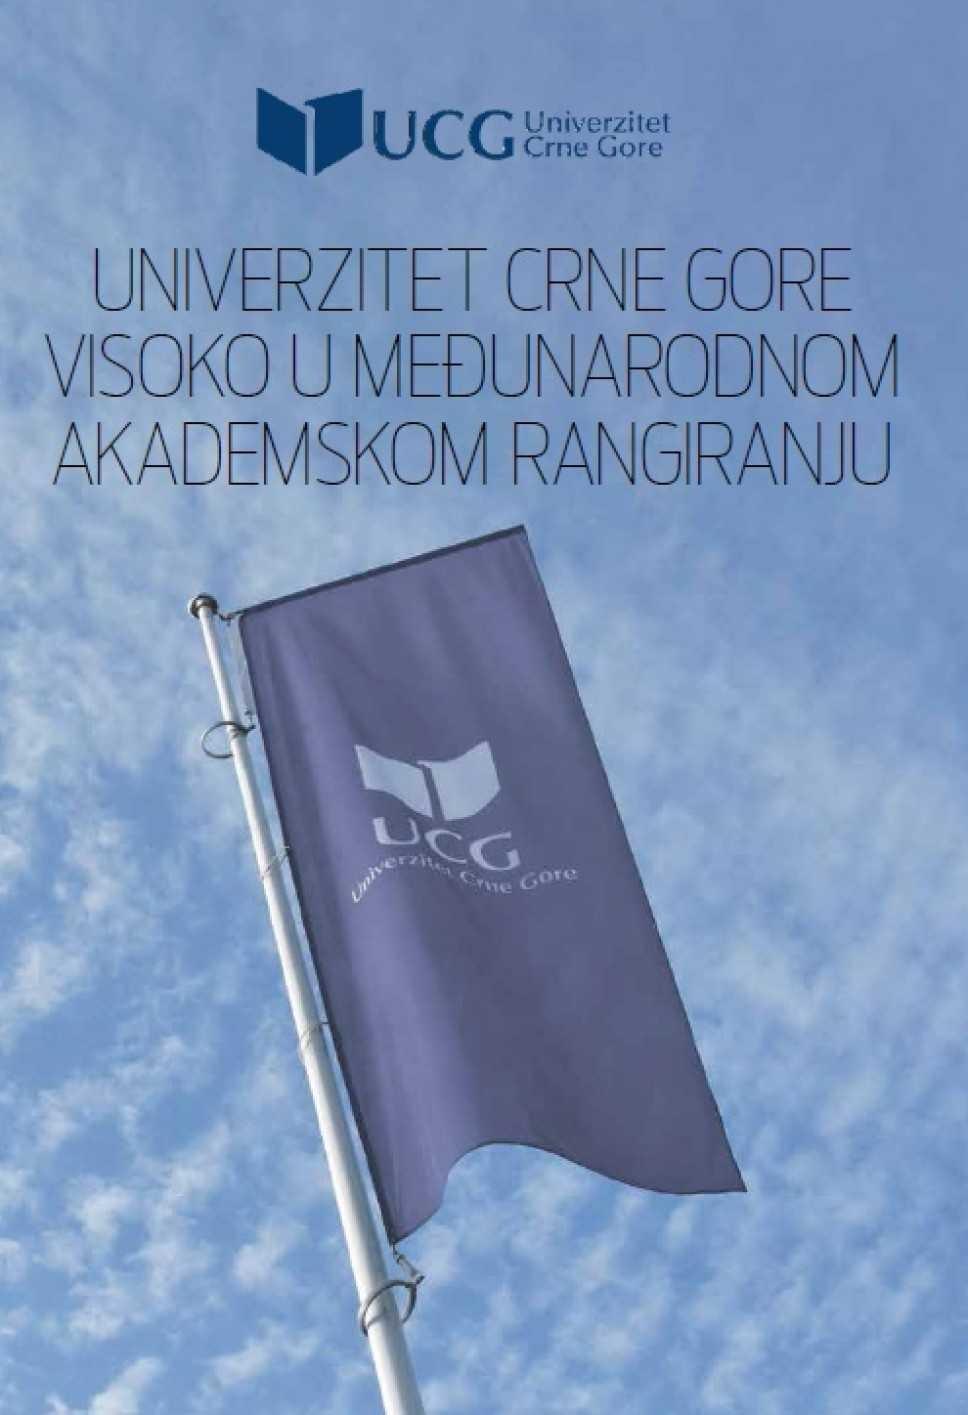 Univerzitet Crne Gore visoko u međunarodnom akademskom rangiranju, specijalno izdanje